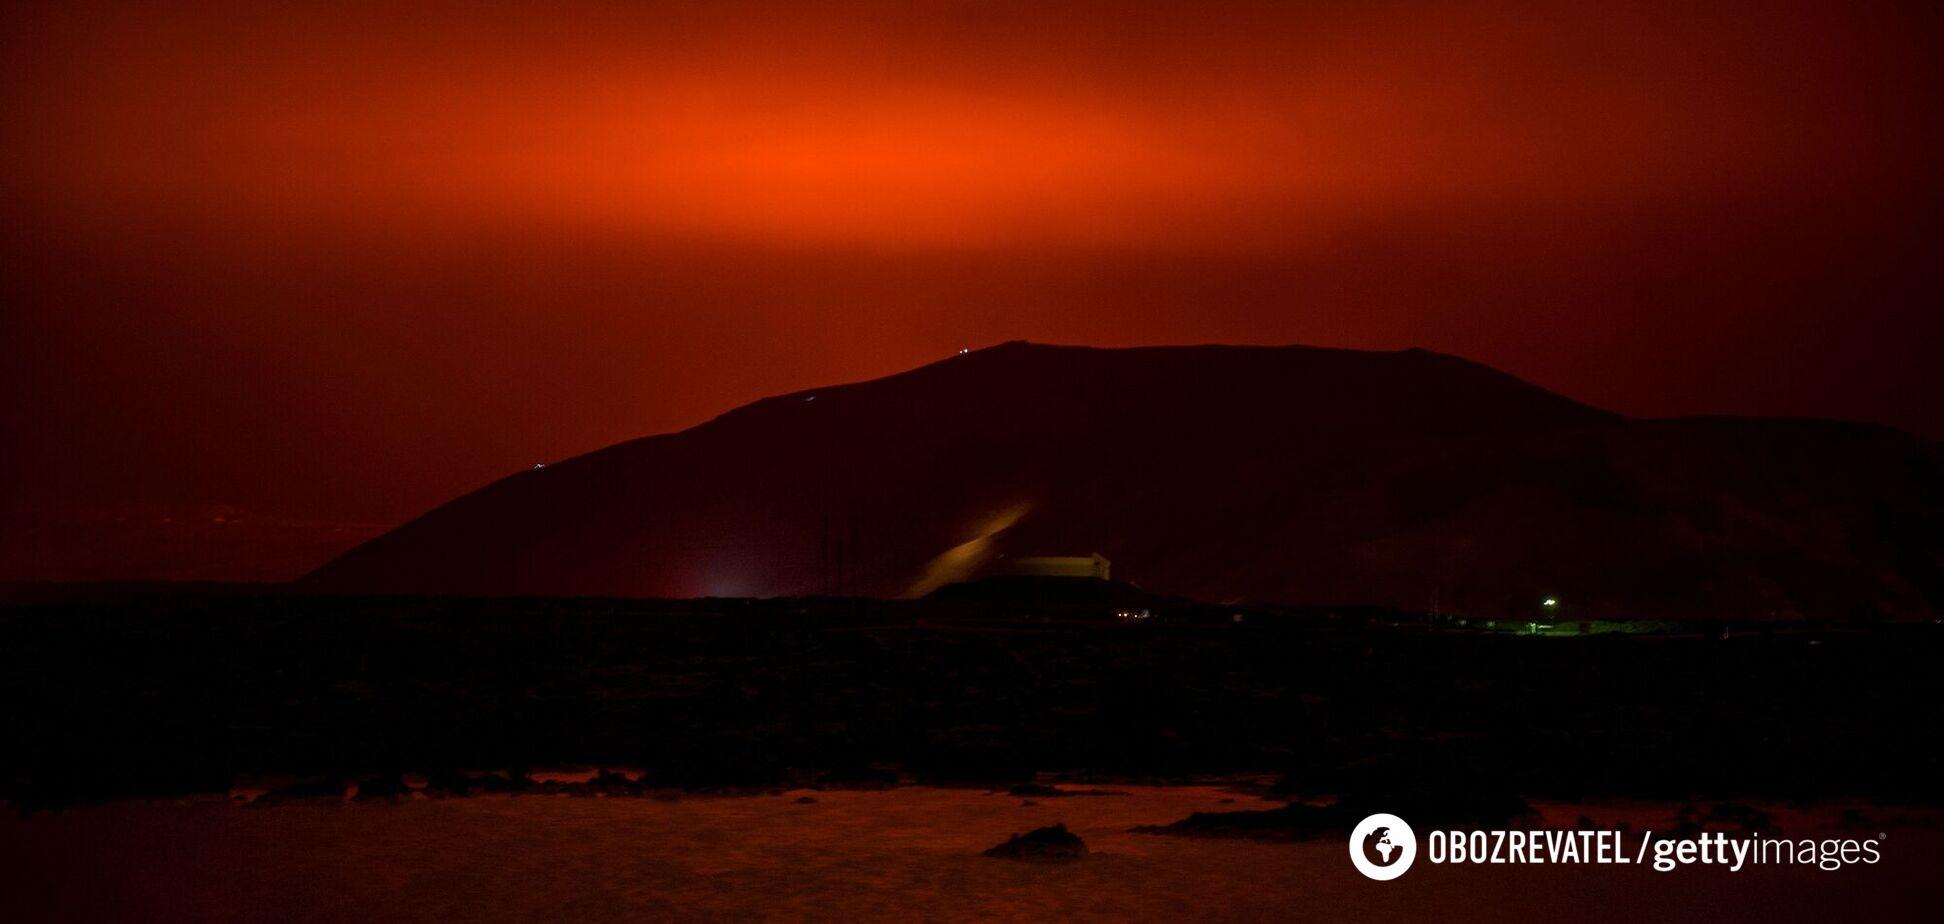 В Исландии произошло извержение вулкана: отменили полеты и запретили покидать дома. Видео